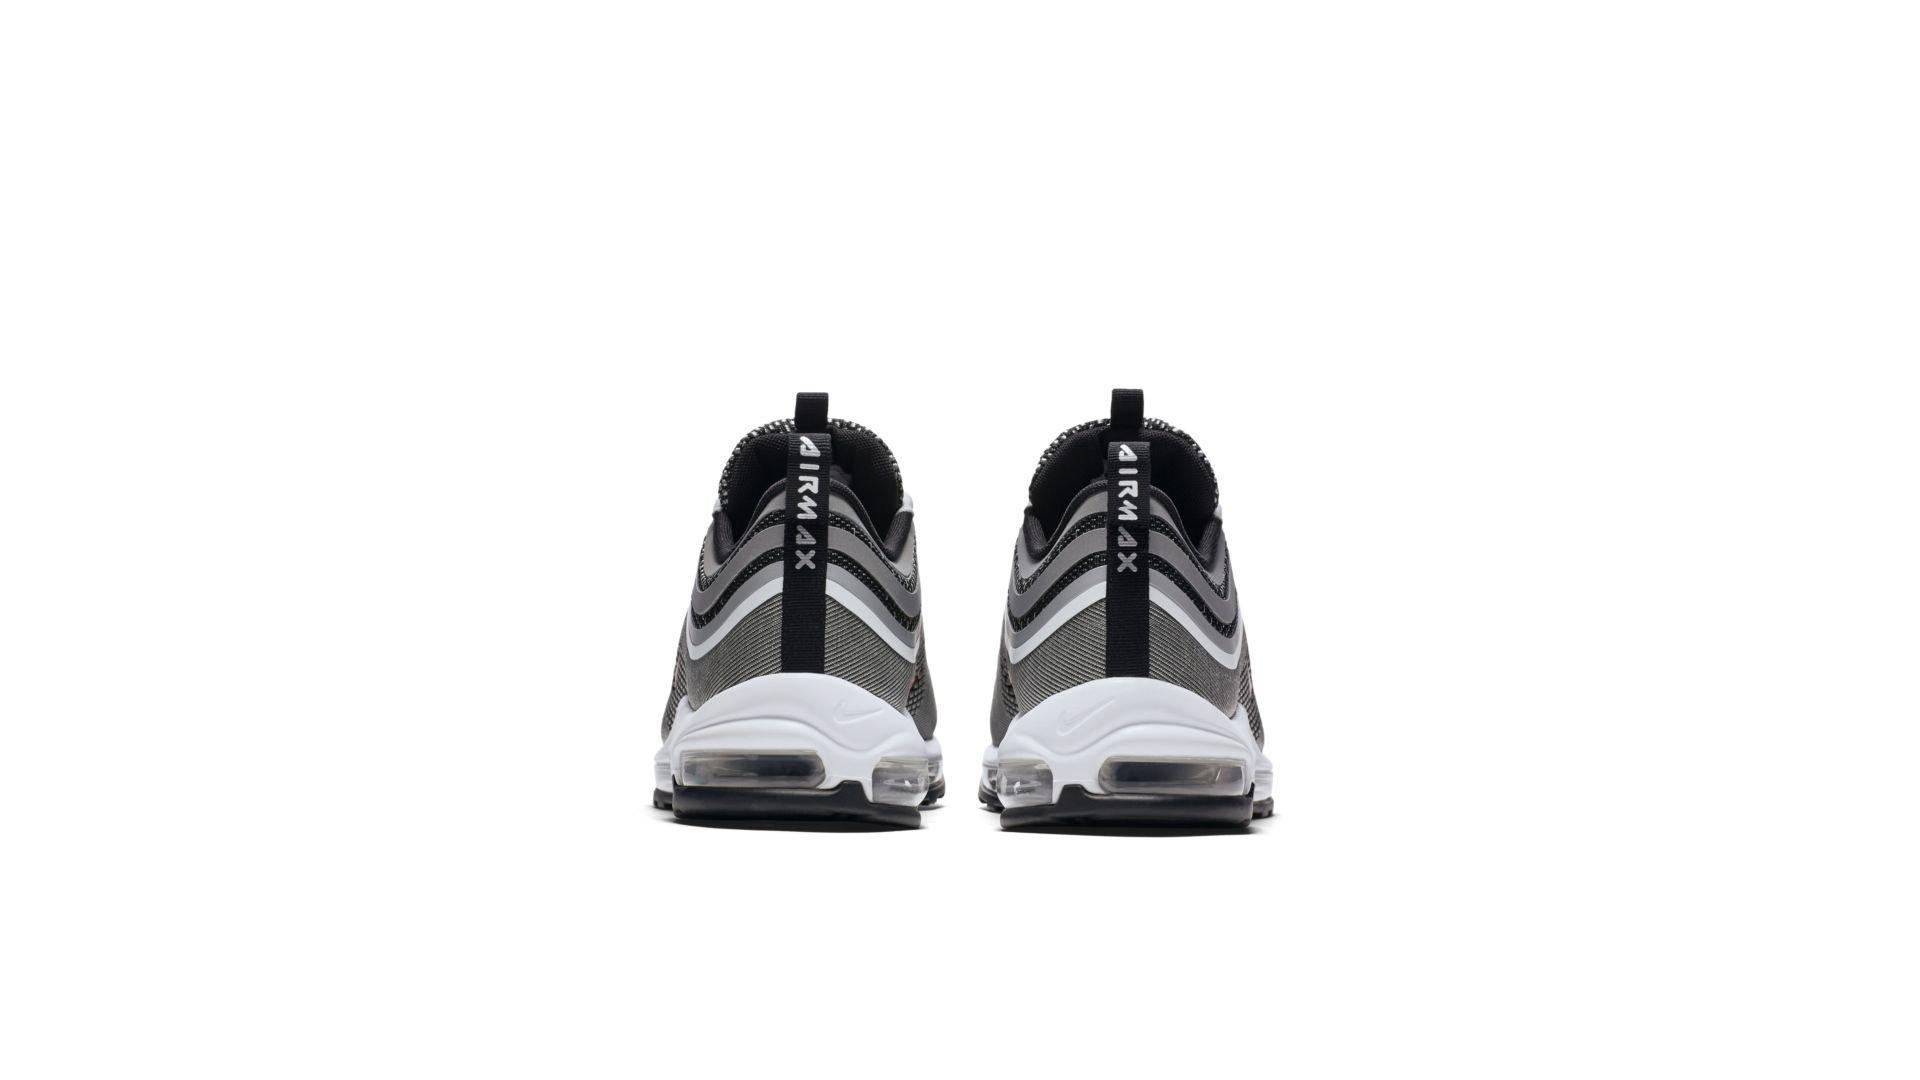 Nike Air Max 97 Ultra 918356-003